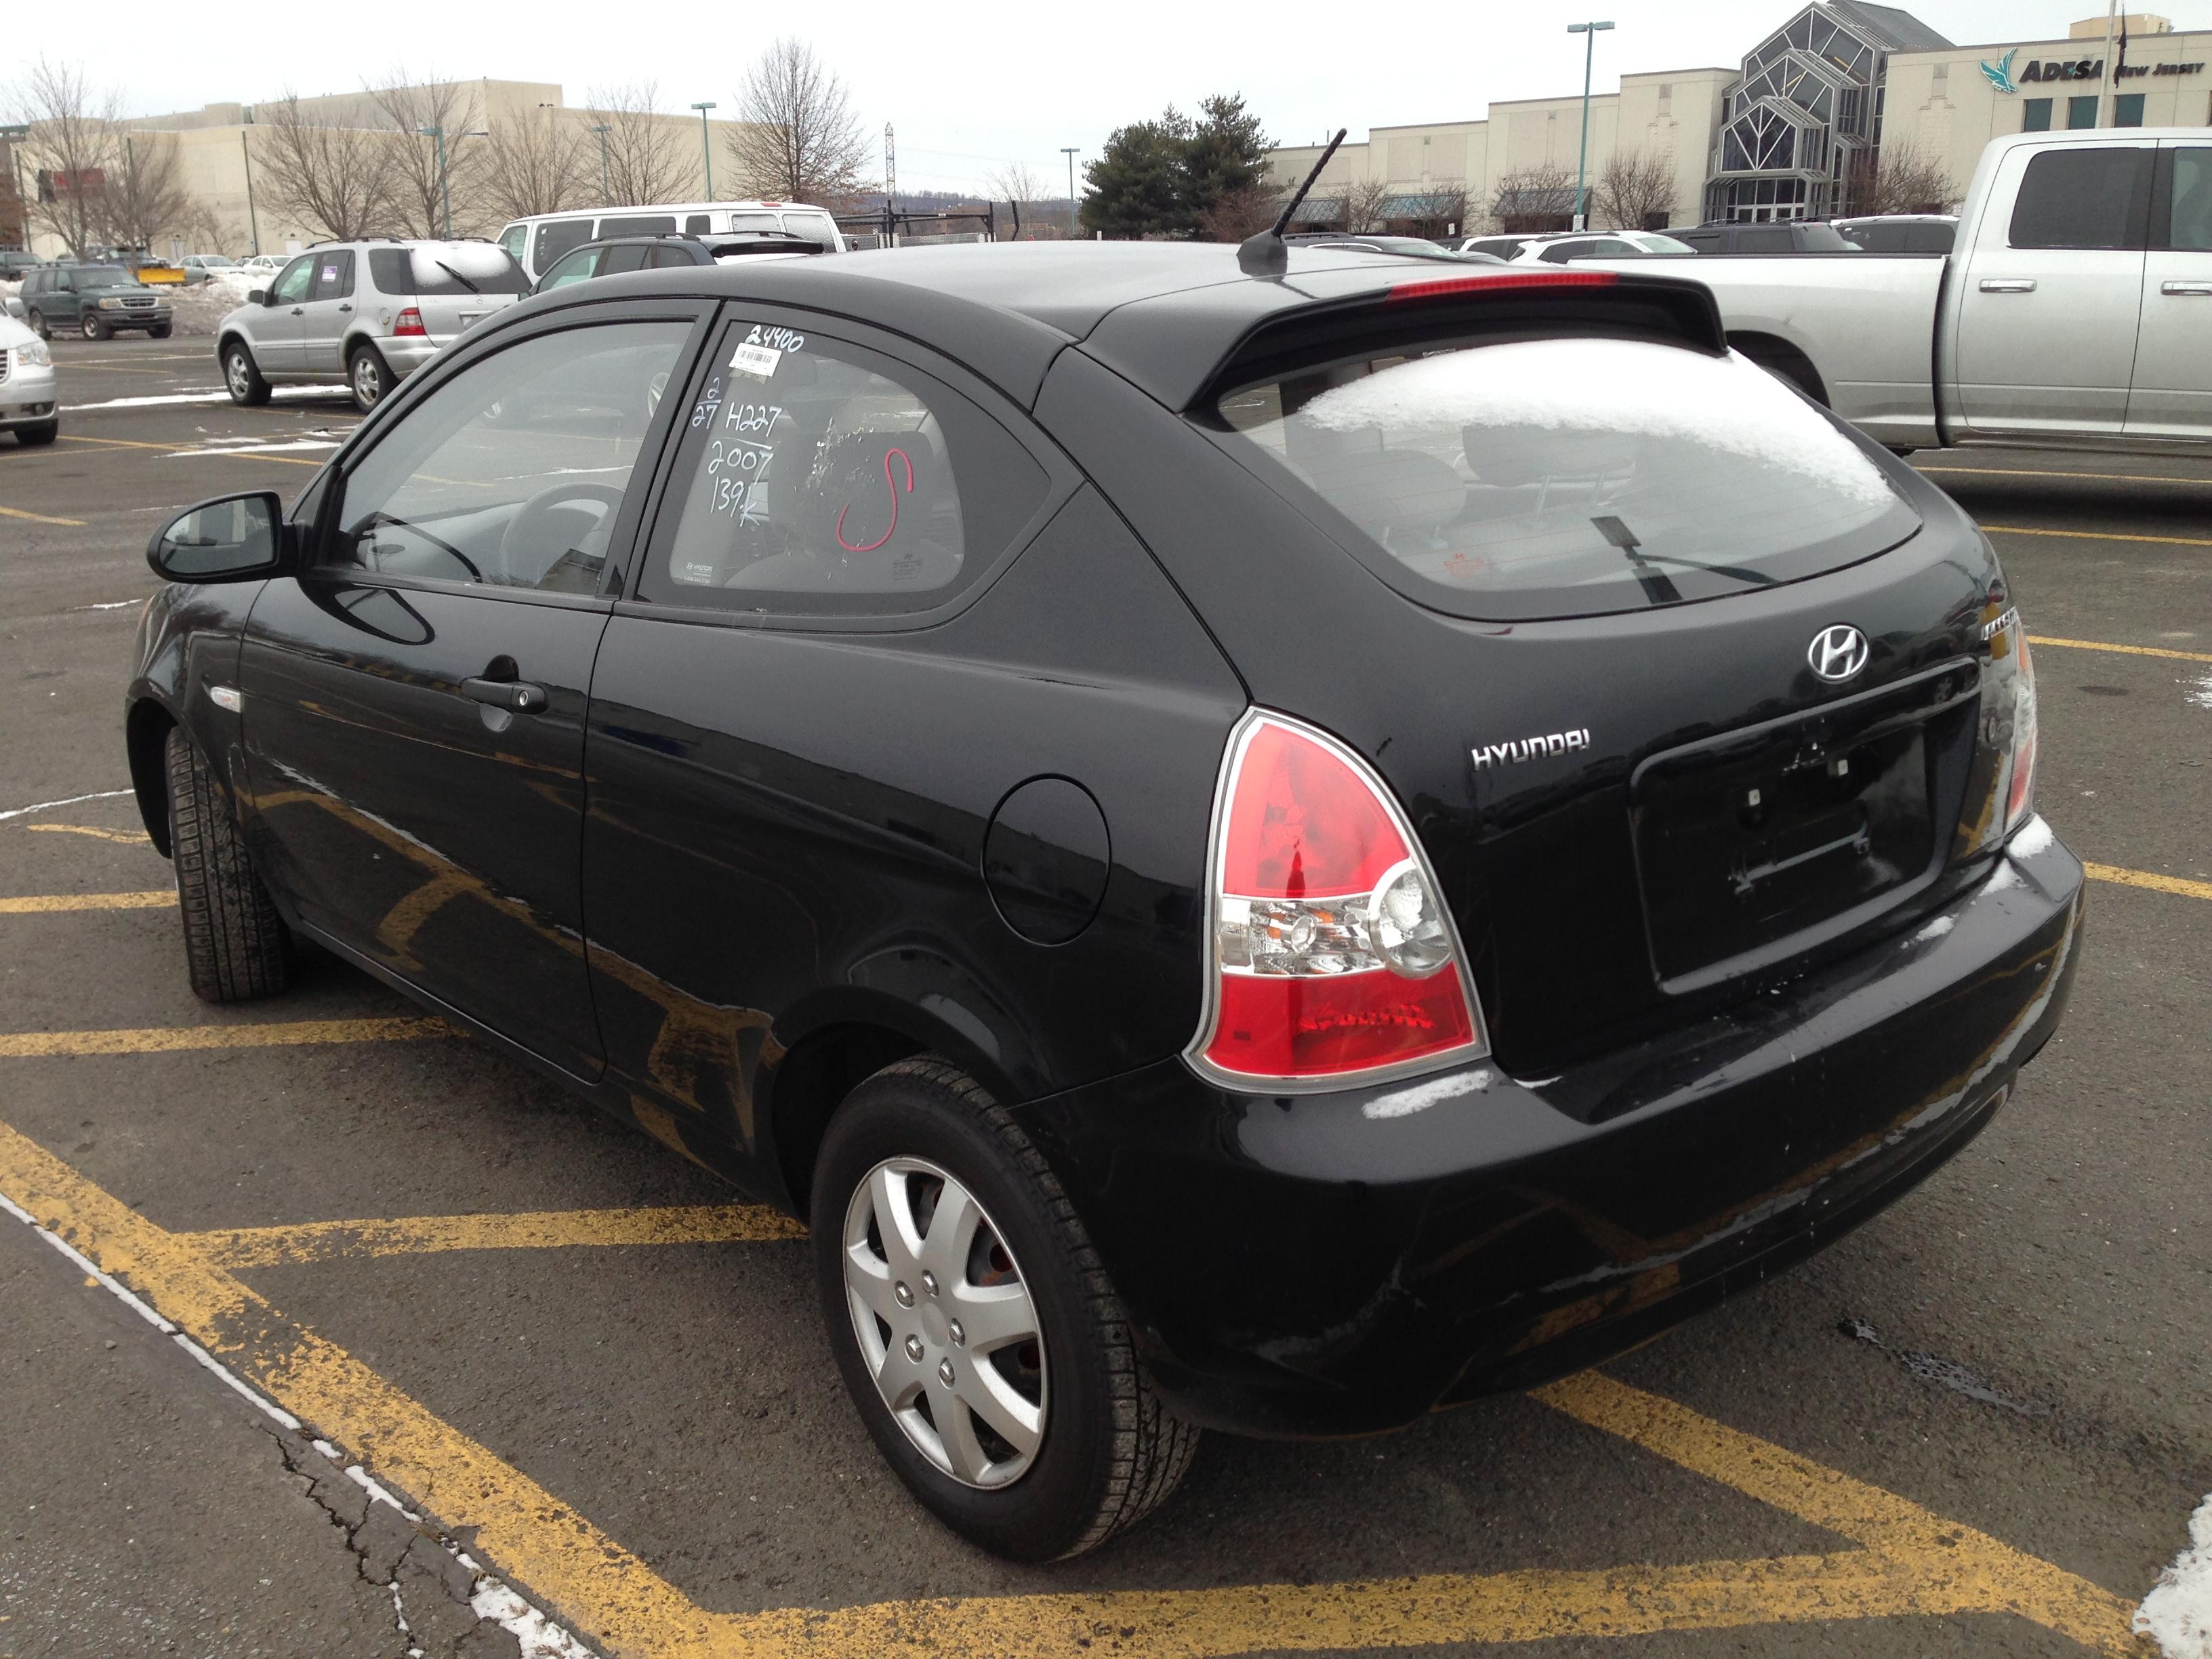 used car for sale 2007 hyundai accent hatchback 4 990. Black Bedroom Furniture Sets. Home Design Ideas